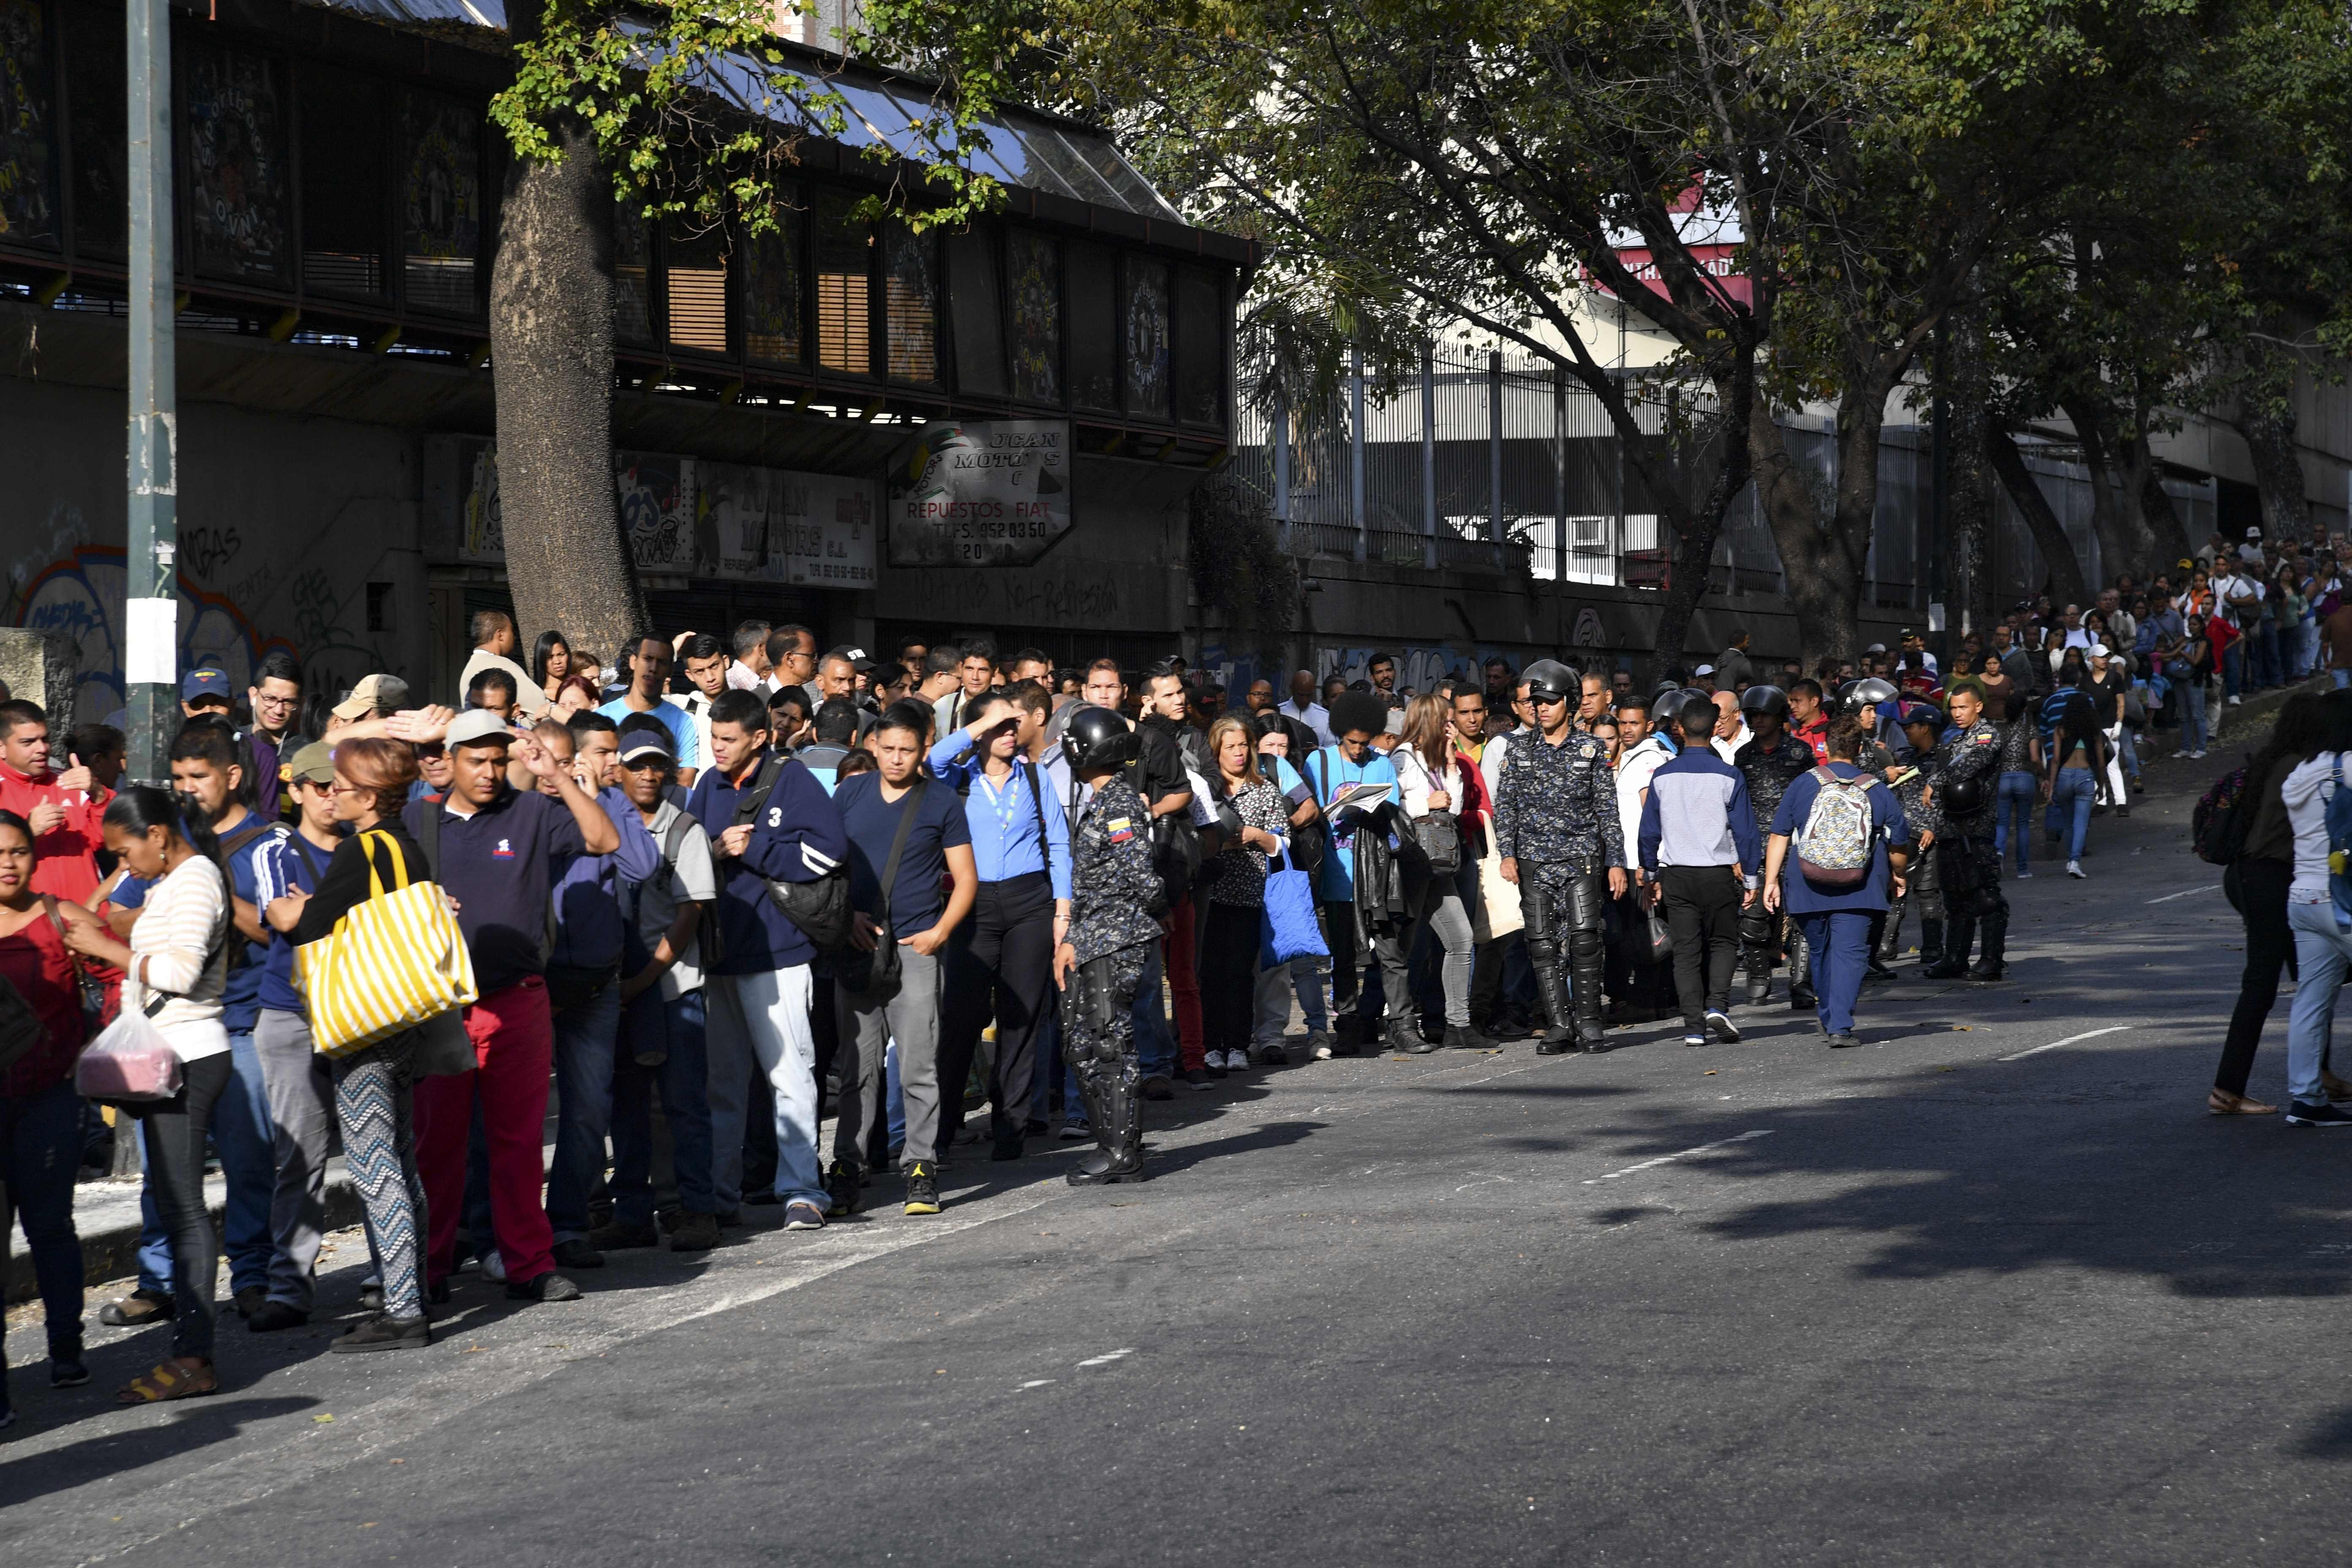 Así hacen fila los venezolanos para abordar el transporte público, después de estar una semana sin trabajo por el apagón.